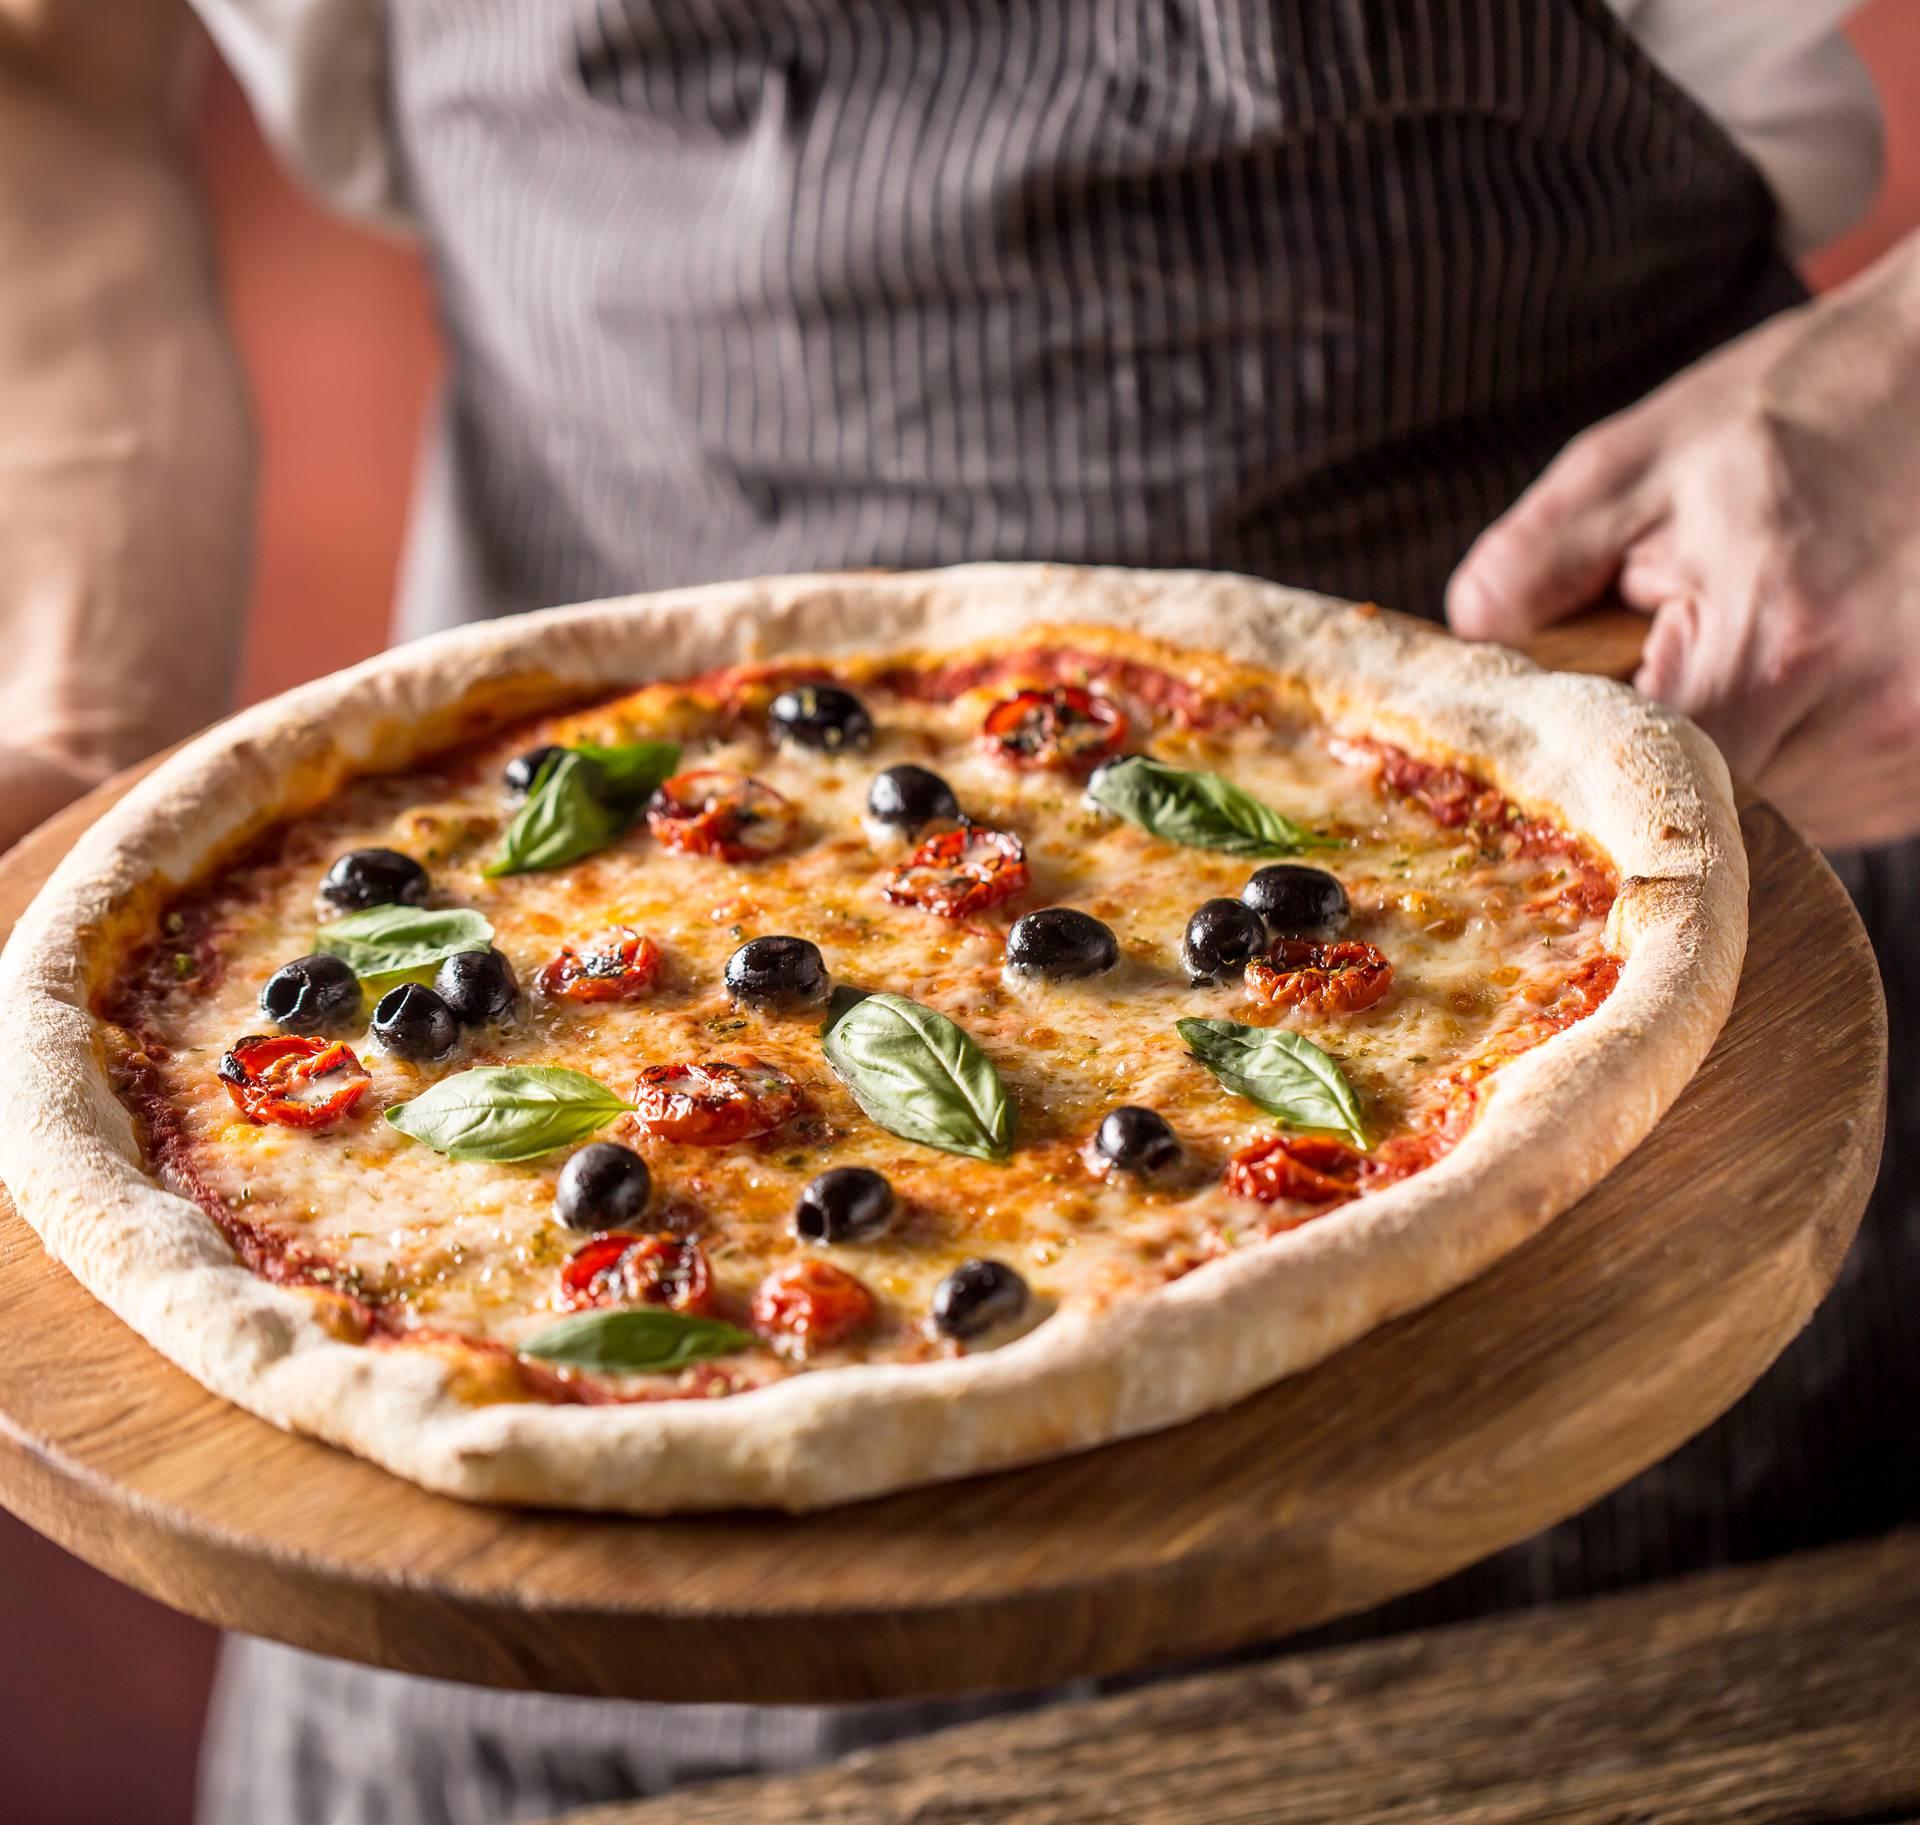 Talijanski chef otkrio kako se pizza jede: To je pravilan način